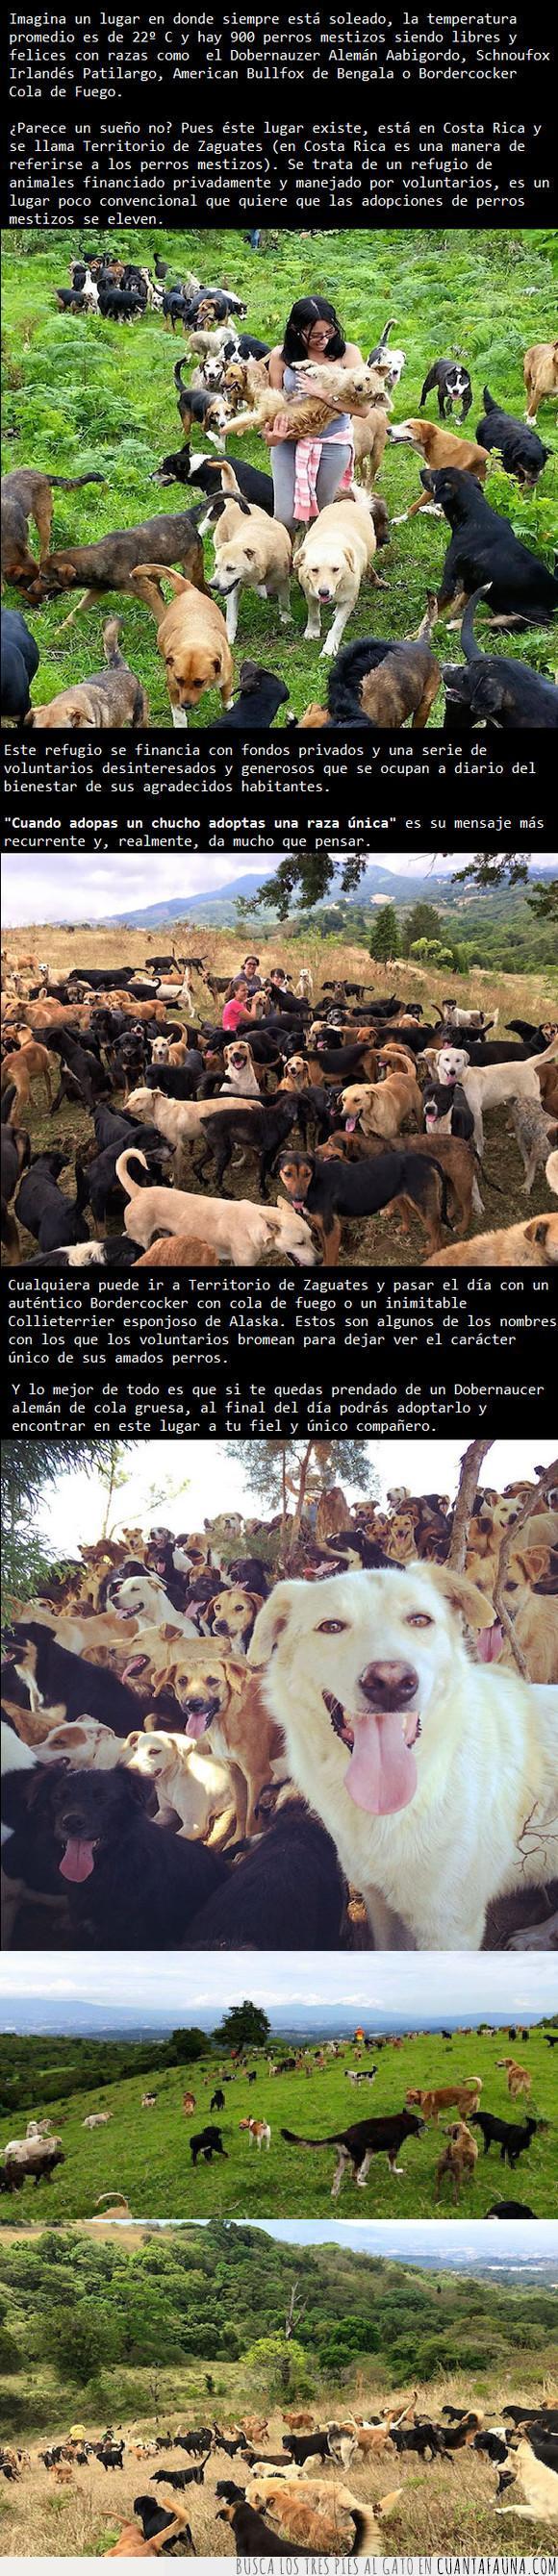 adopción,Costa Rica,mestizos,perros,refugio,santuario,territorio de zaguates